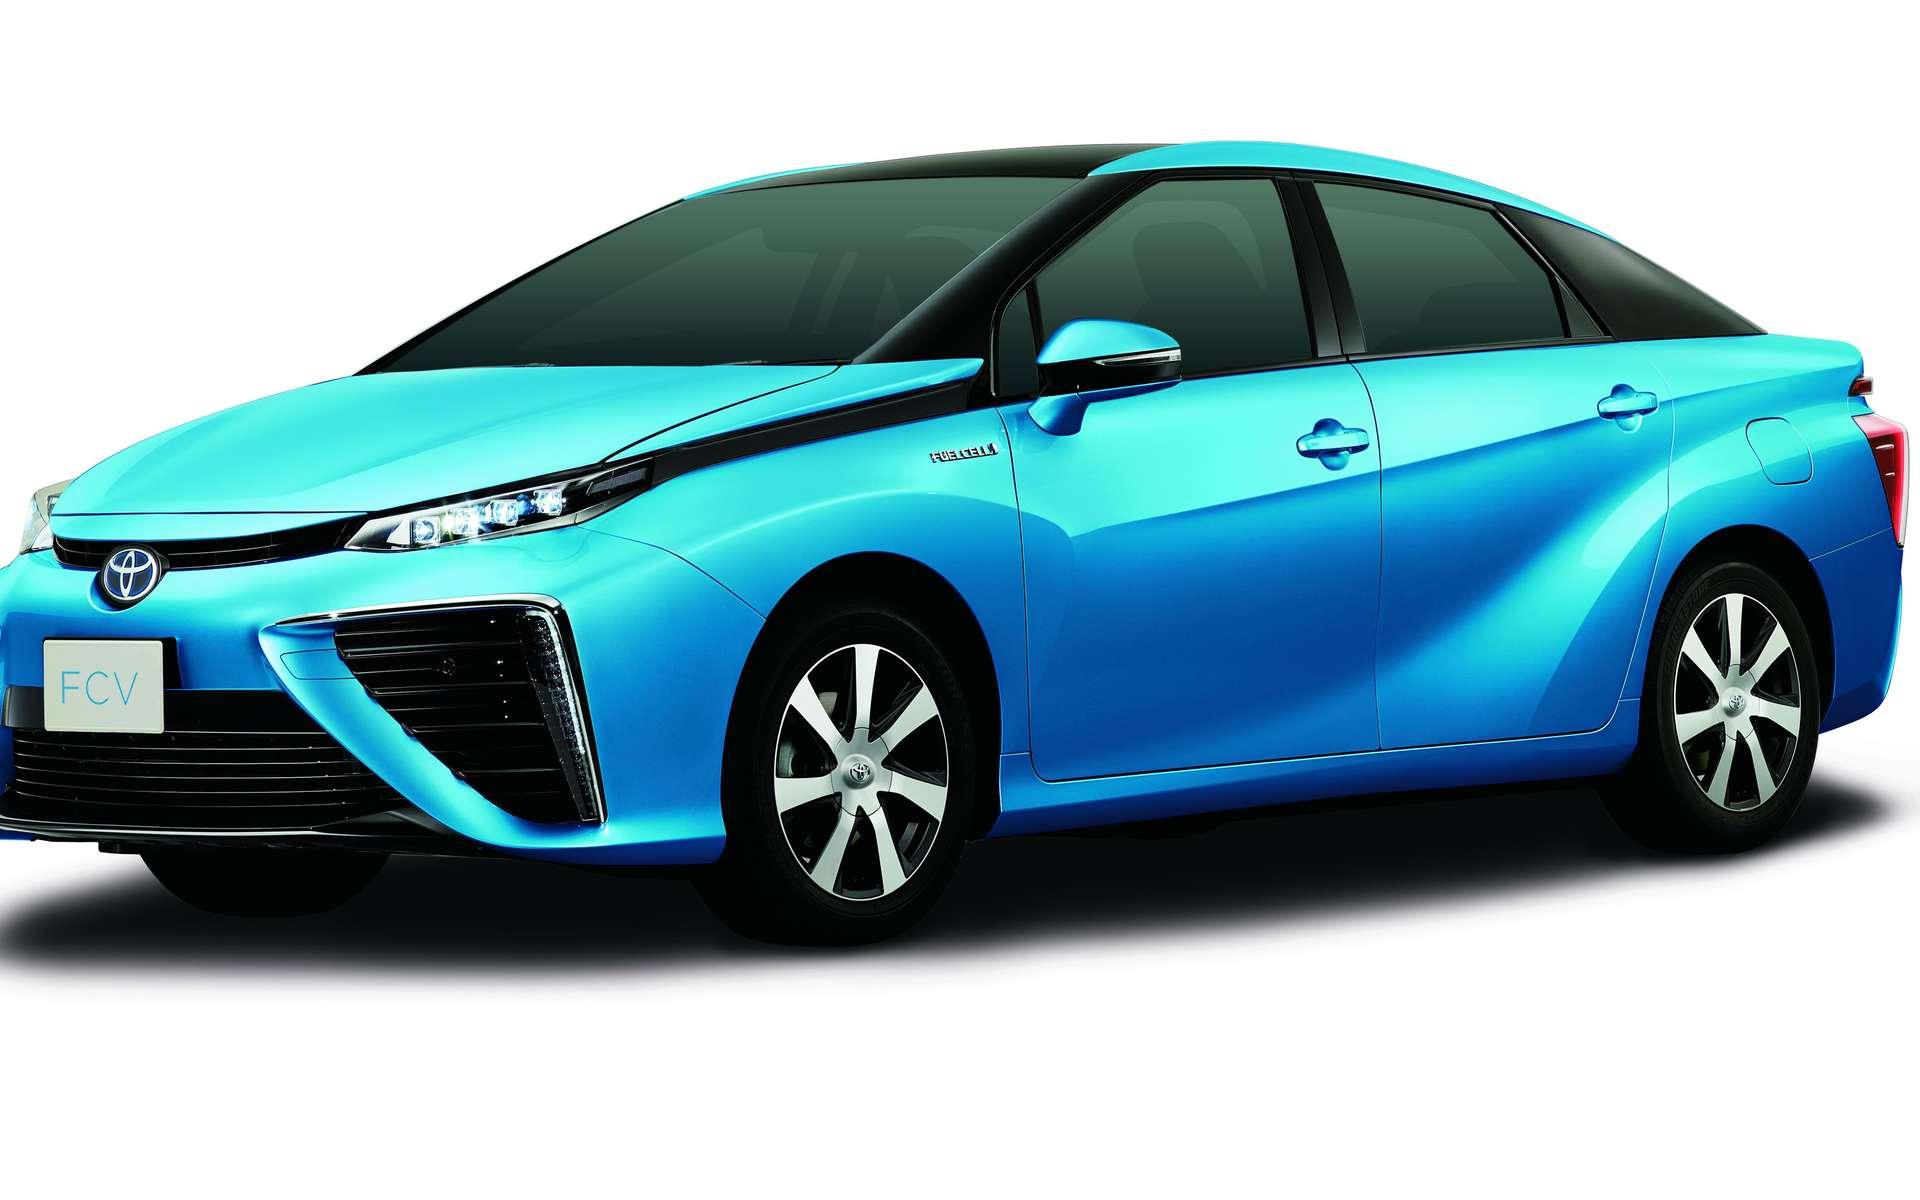 La Toyota FCV à moteur électrique embarque une pile à combustible alimentée par deux bonbonnes d'hydrogène sous pression (700 bars) et par l'oxygène atmosphérique (d'où les deux énormes entrées d'air). L'autonomie serait de 500 km. © Toyota